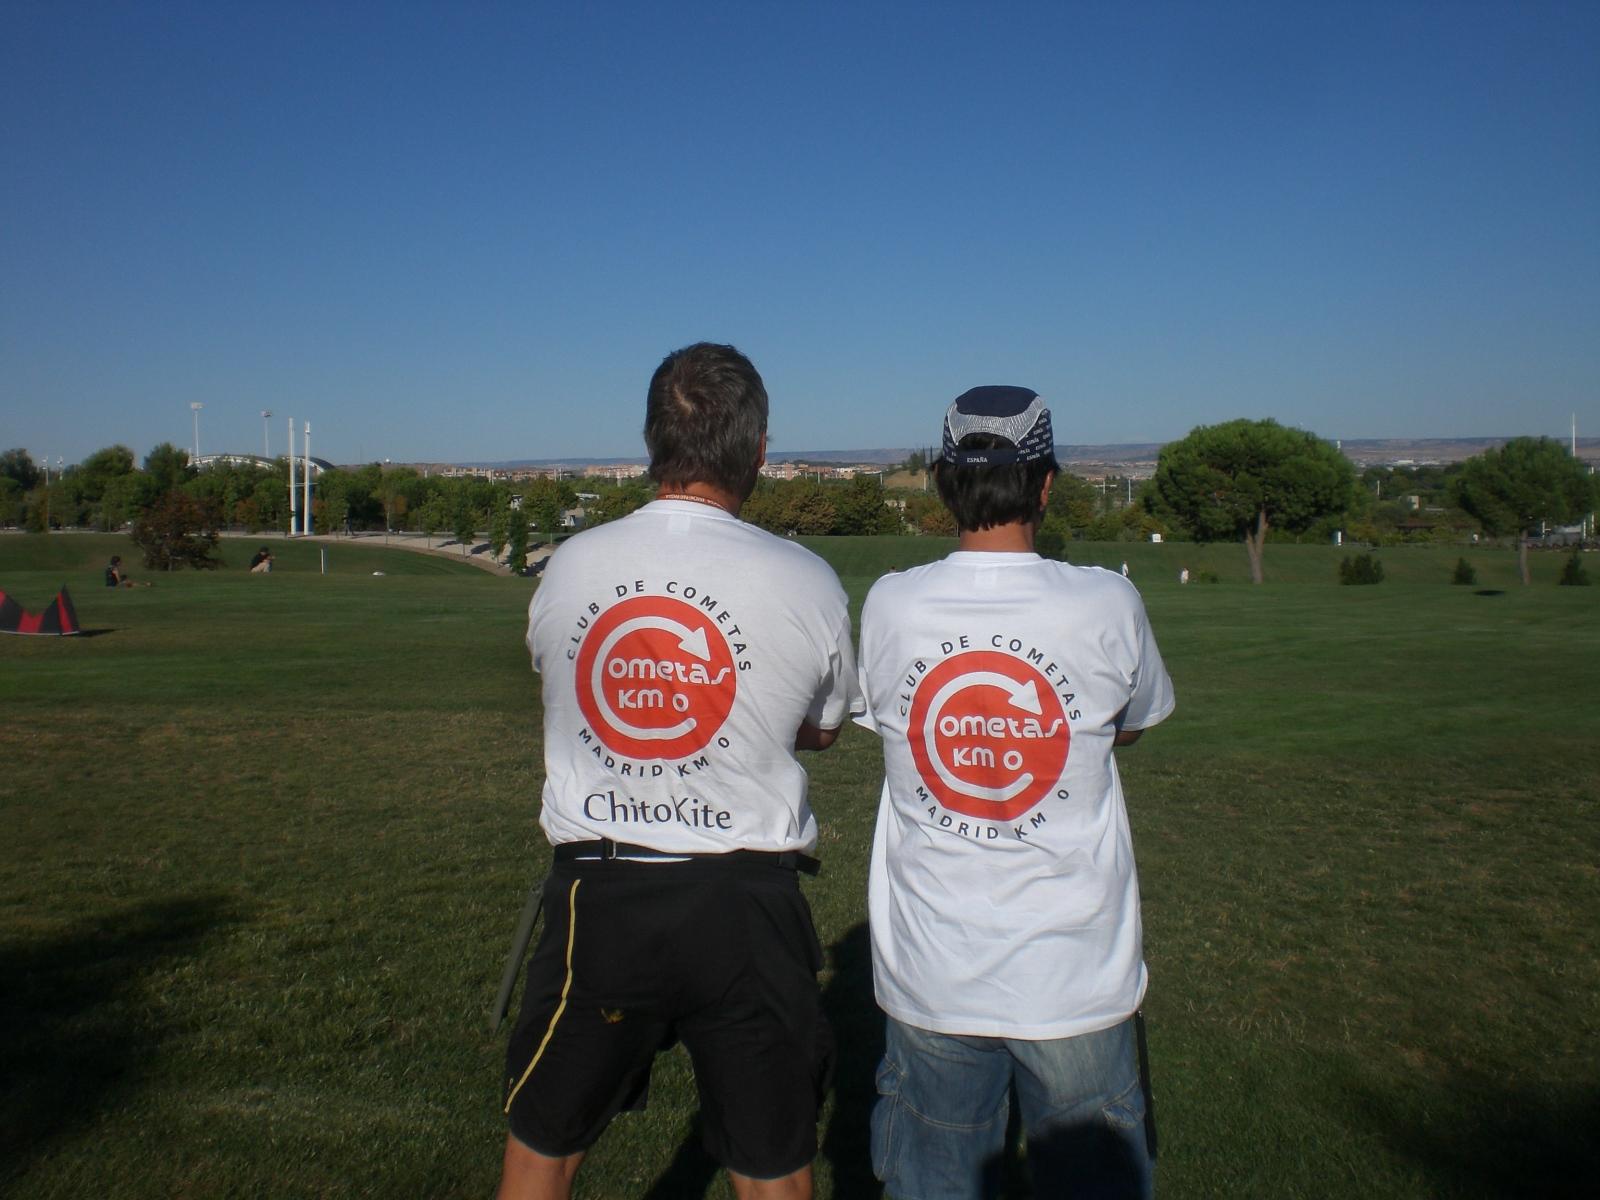 club de cometas madrid km 0 agosto 2011